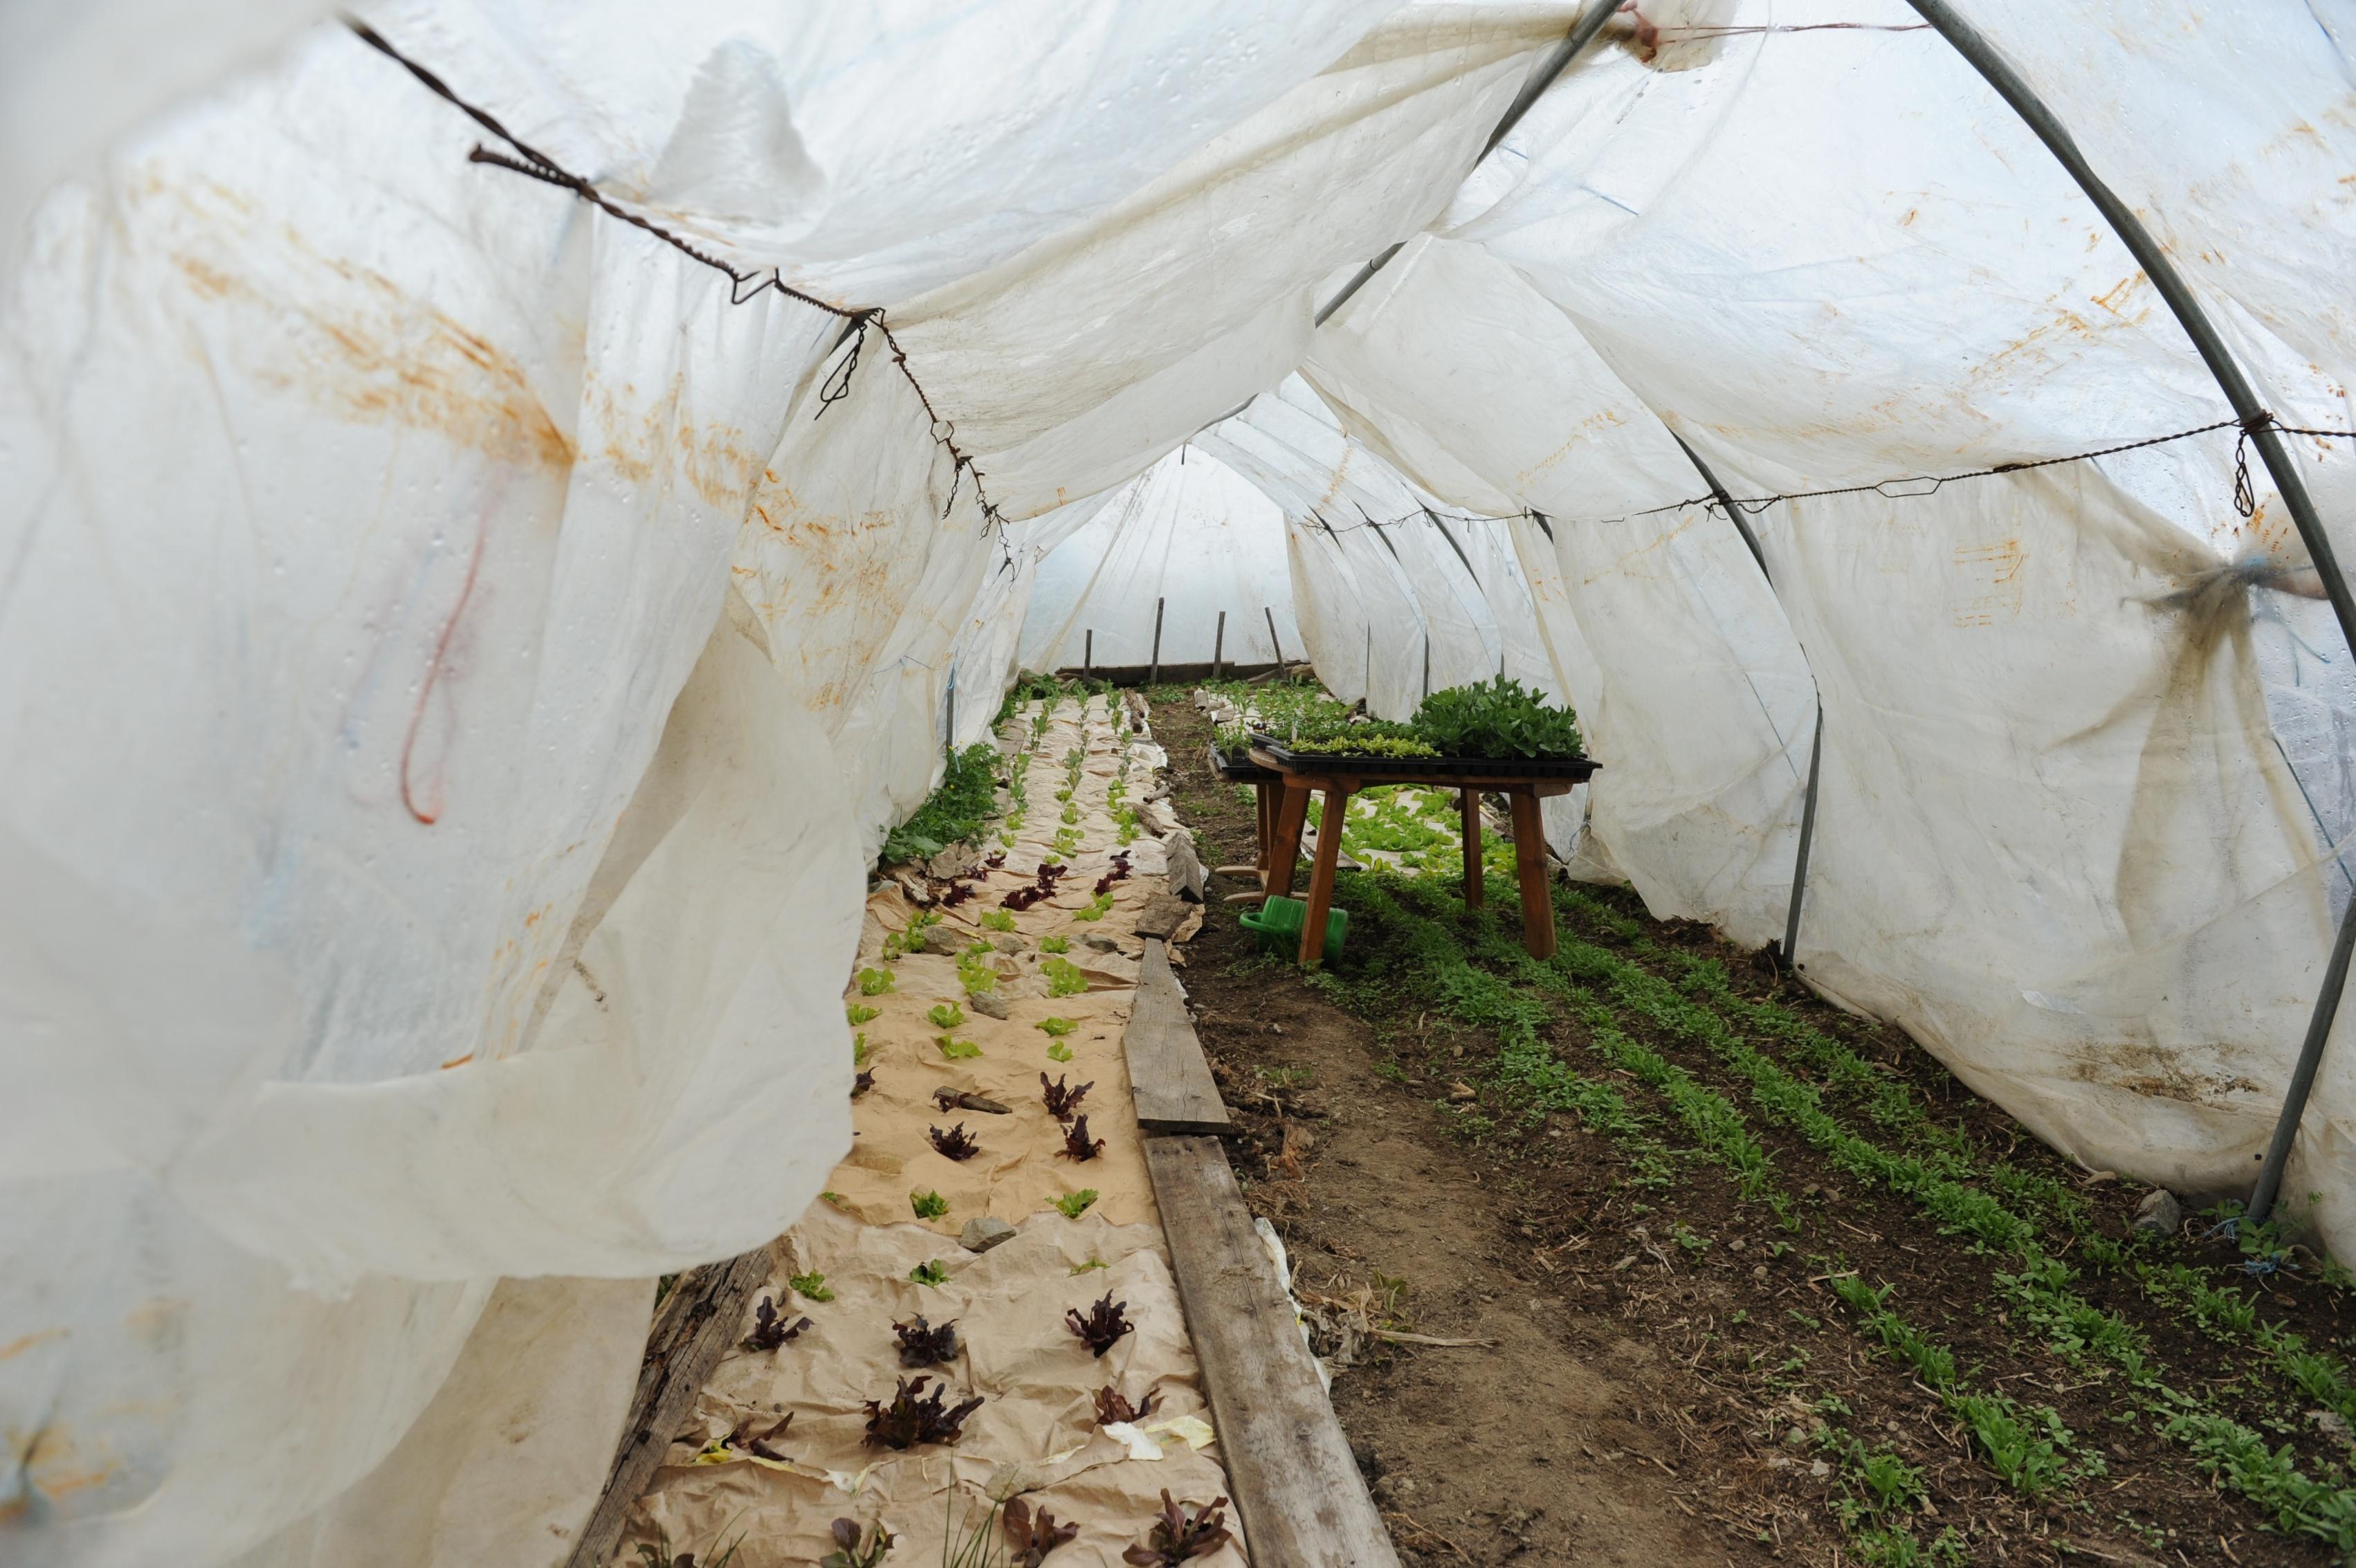 En quests tunnels pon Annamaria e Marcus Duff gia cumenzar mez avrigl a plantar salata e verduras.